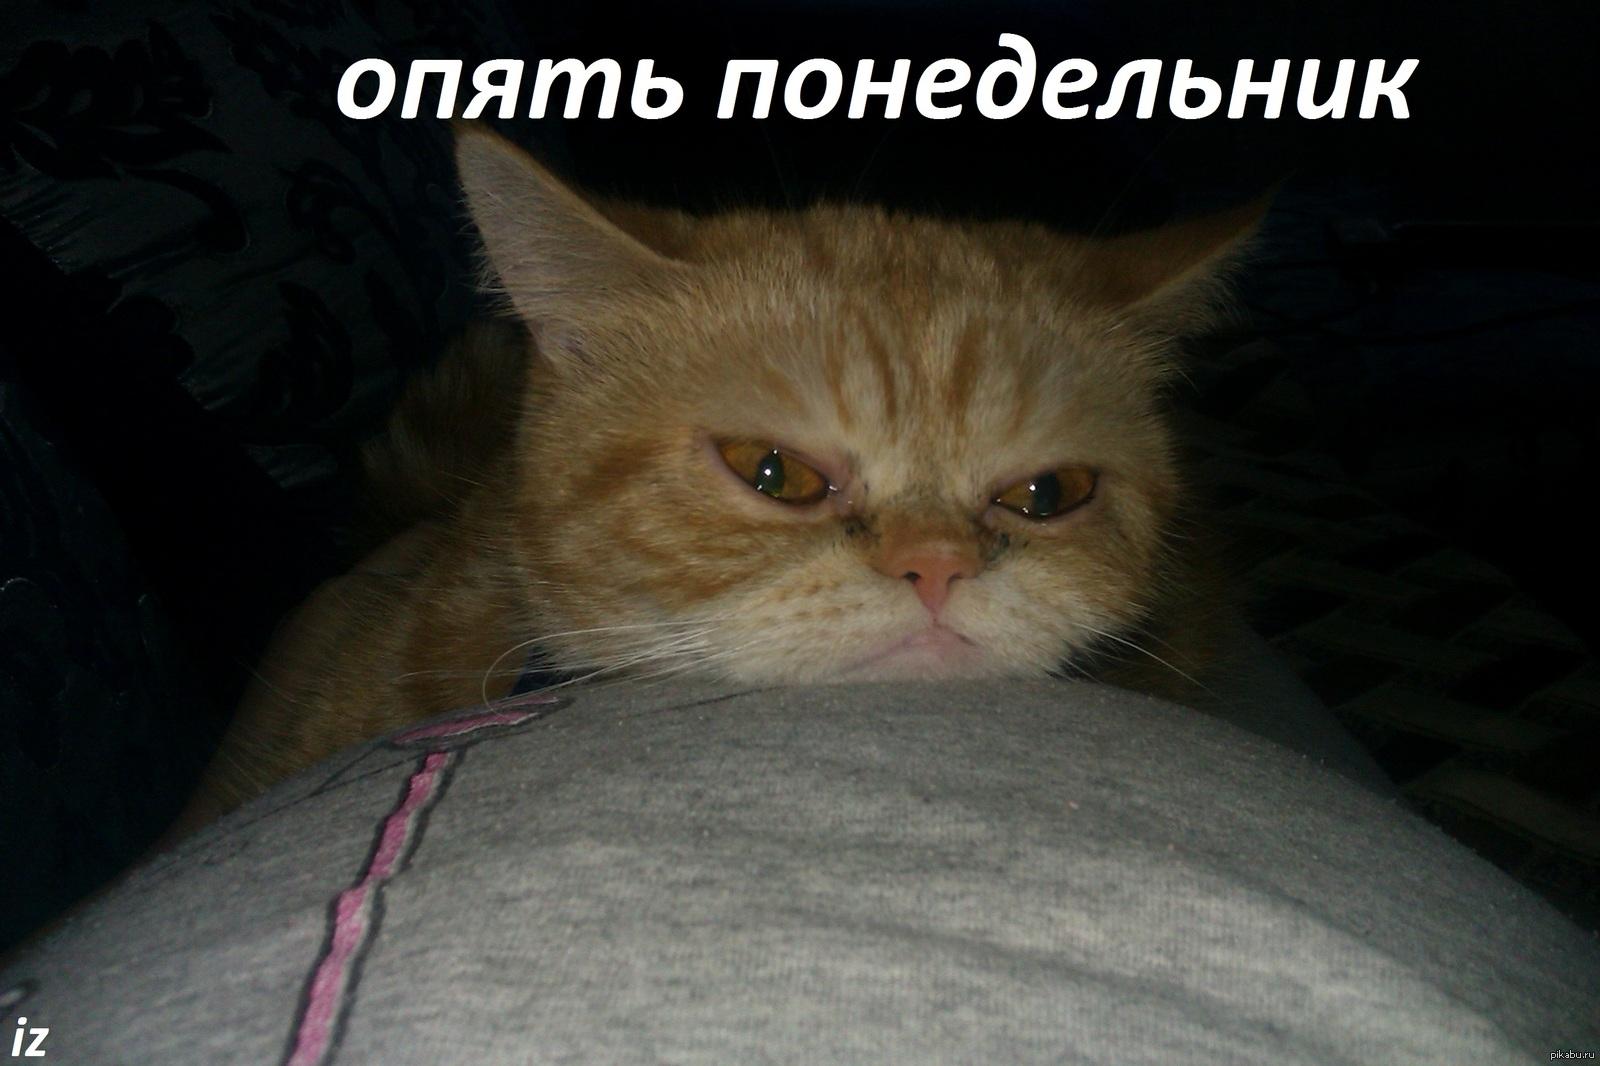 надо принести фото коты и понедельник должны